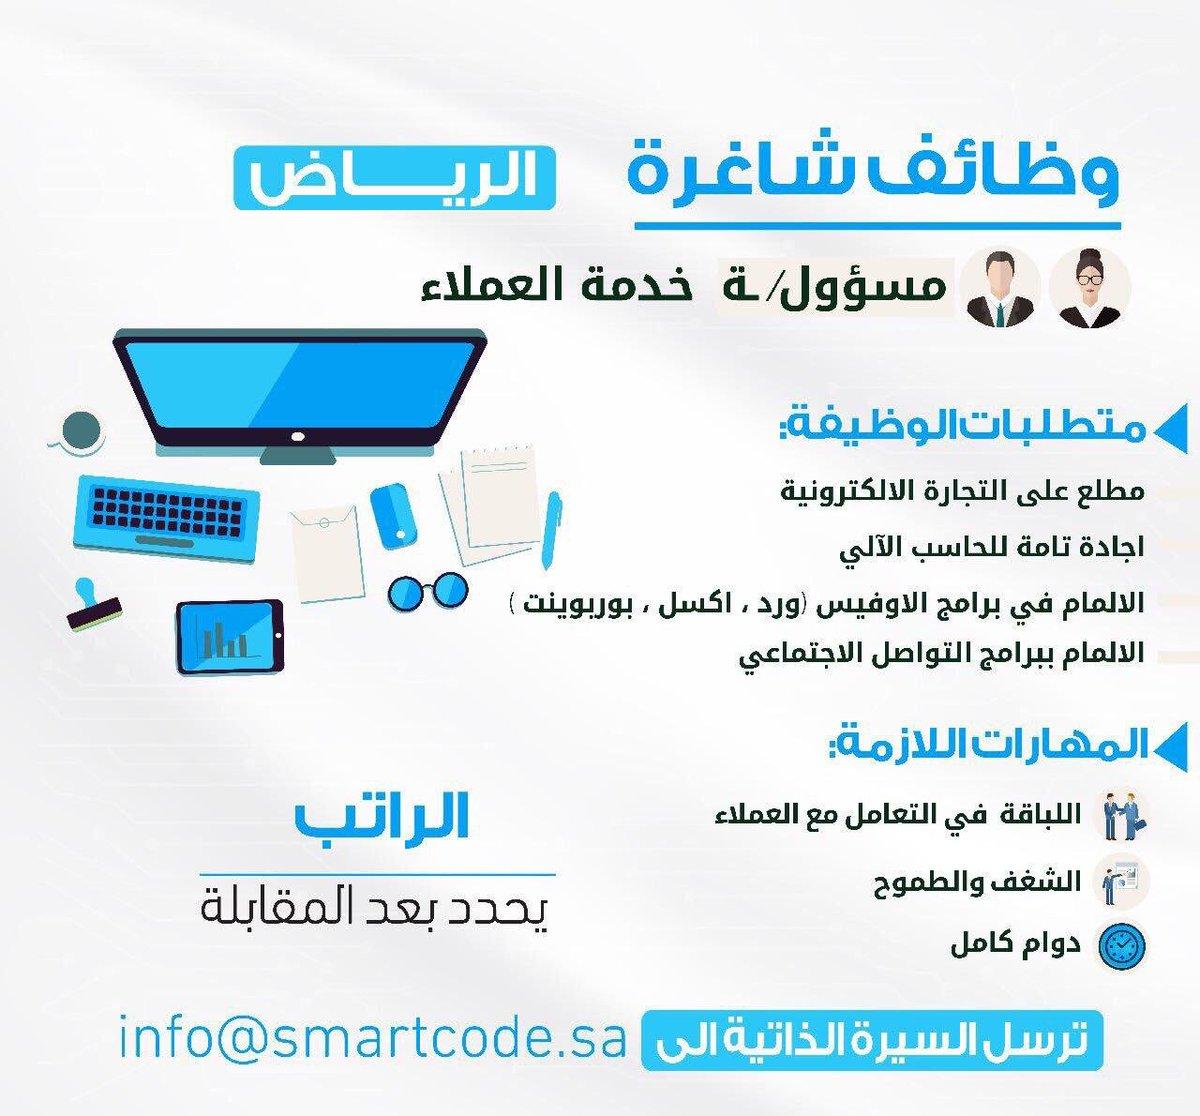 وظائف للرجال و النساء بشركة متخصصة فى التسويق الالكتروني بالرياض مسؤول خدمة عملاء الايميل : info@smartcode.sa #وظائف_نسائية #وظائف_الرياض #وظائف_شاغرة #وظائف #توظيف